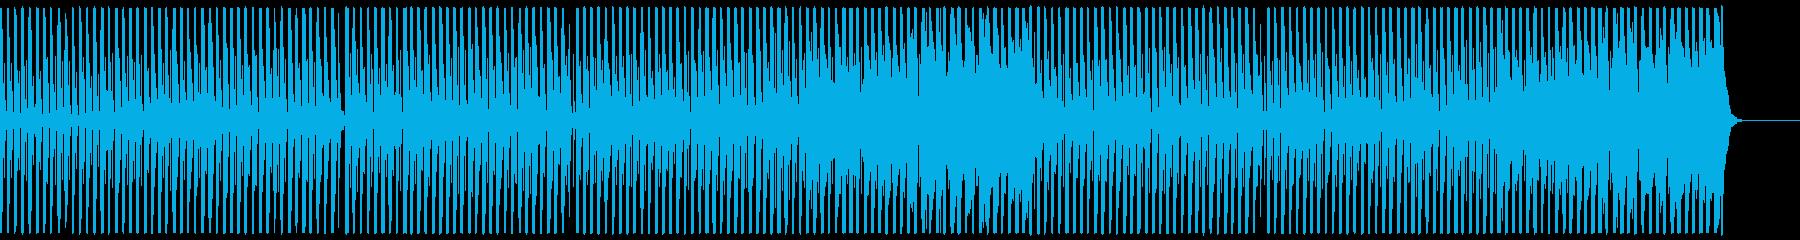 ほのぼのした可愛い行進曲の再生済みの波形